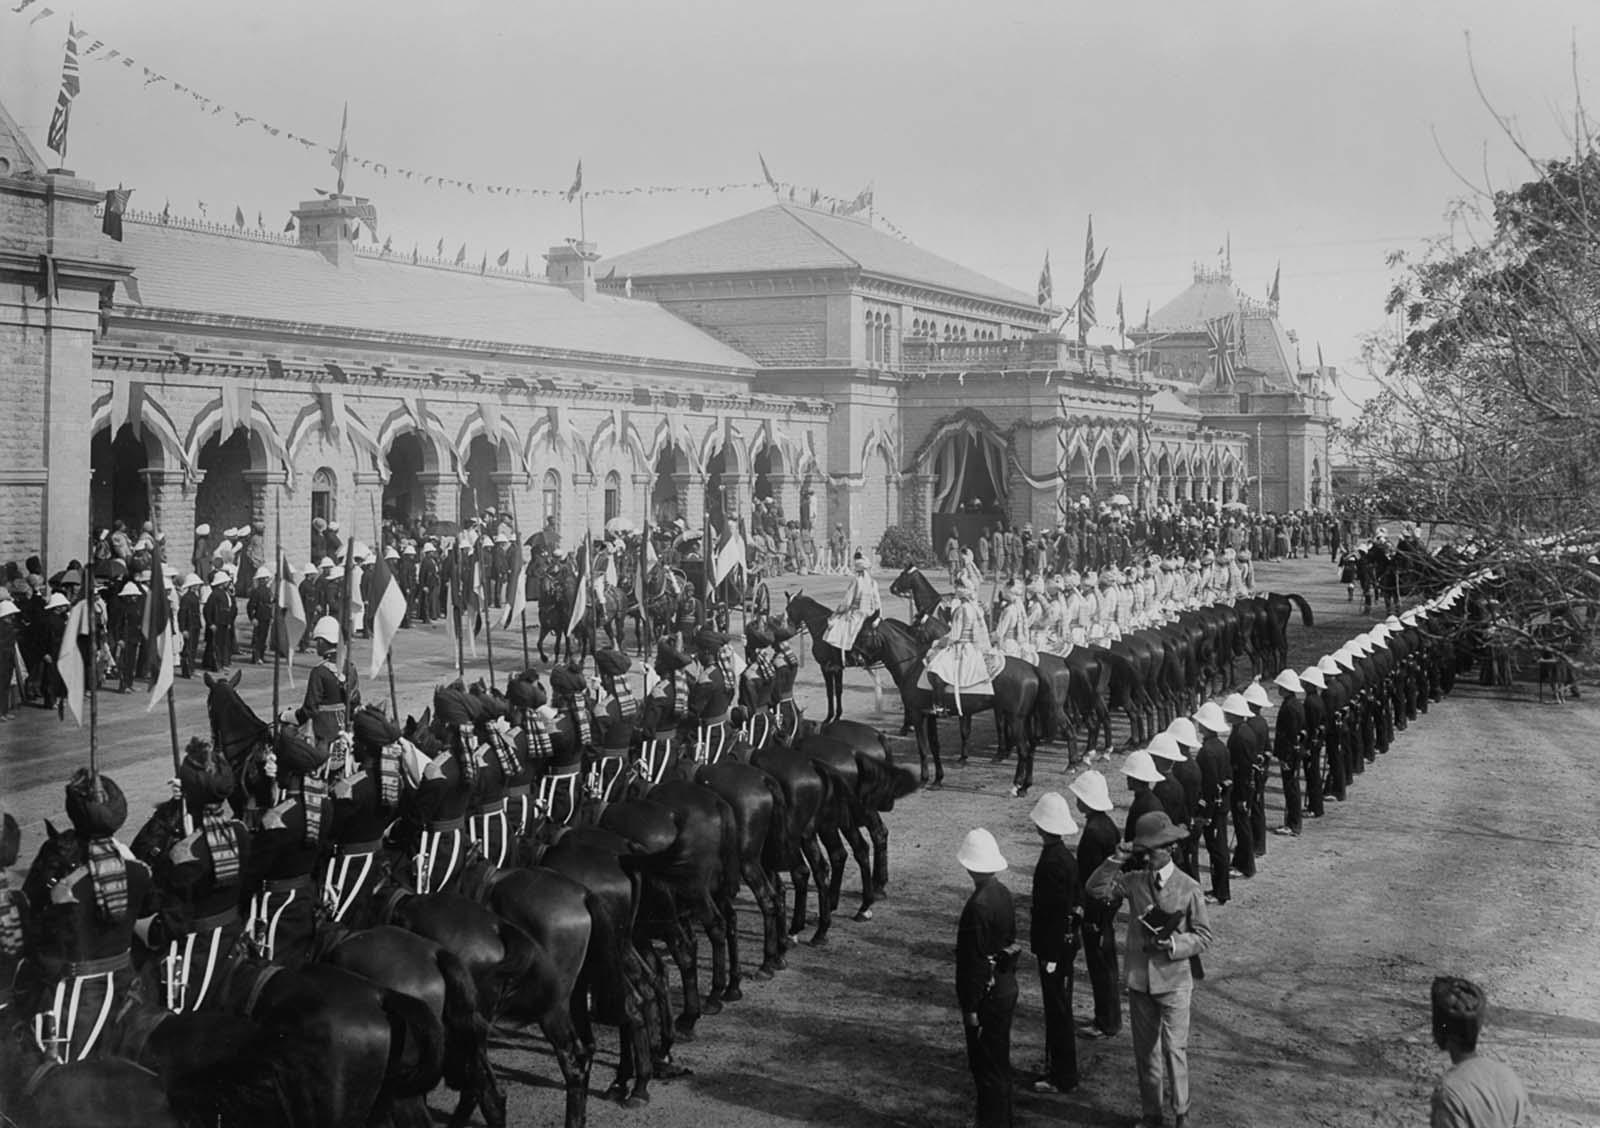 Em 1911 a realeza britânica foi à Índia para ser coroada e aproveitou para caçar 05